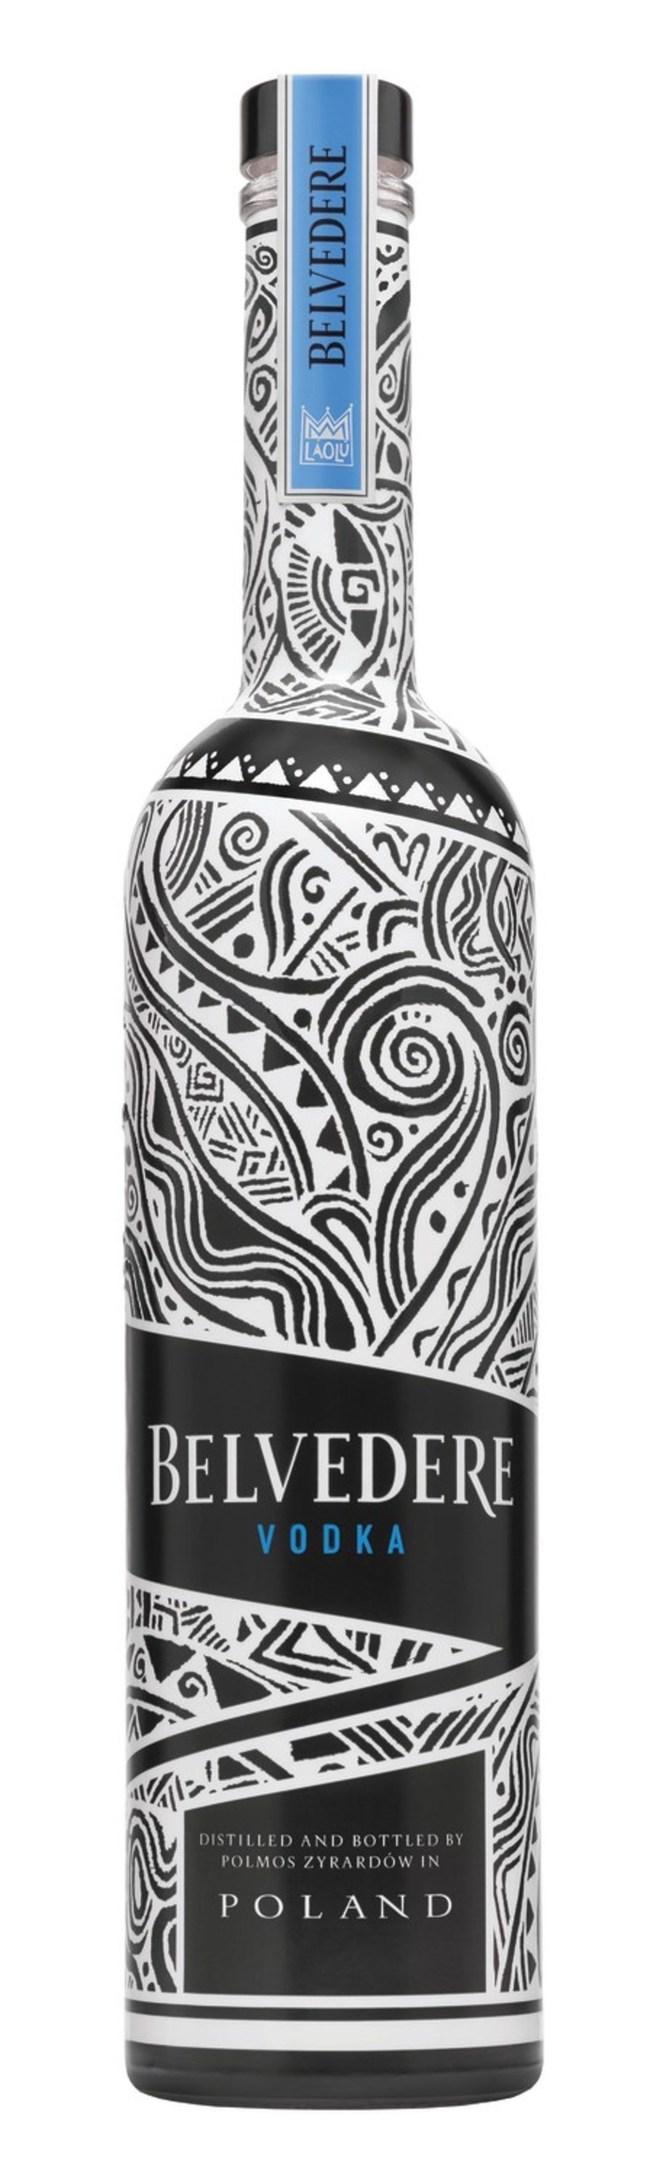 Belvedere Vodka 2018 Limited Edition Bottle